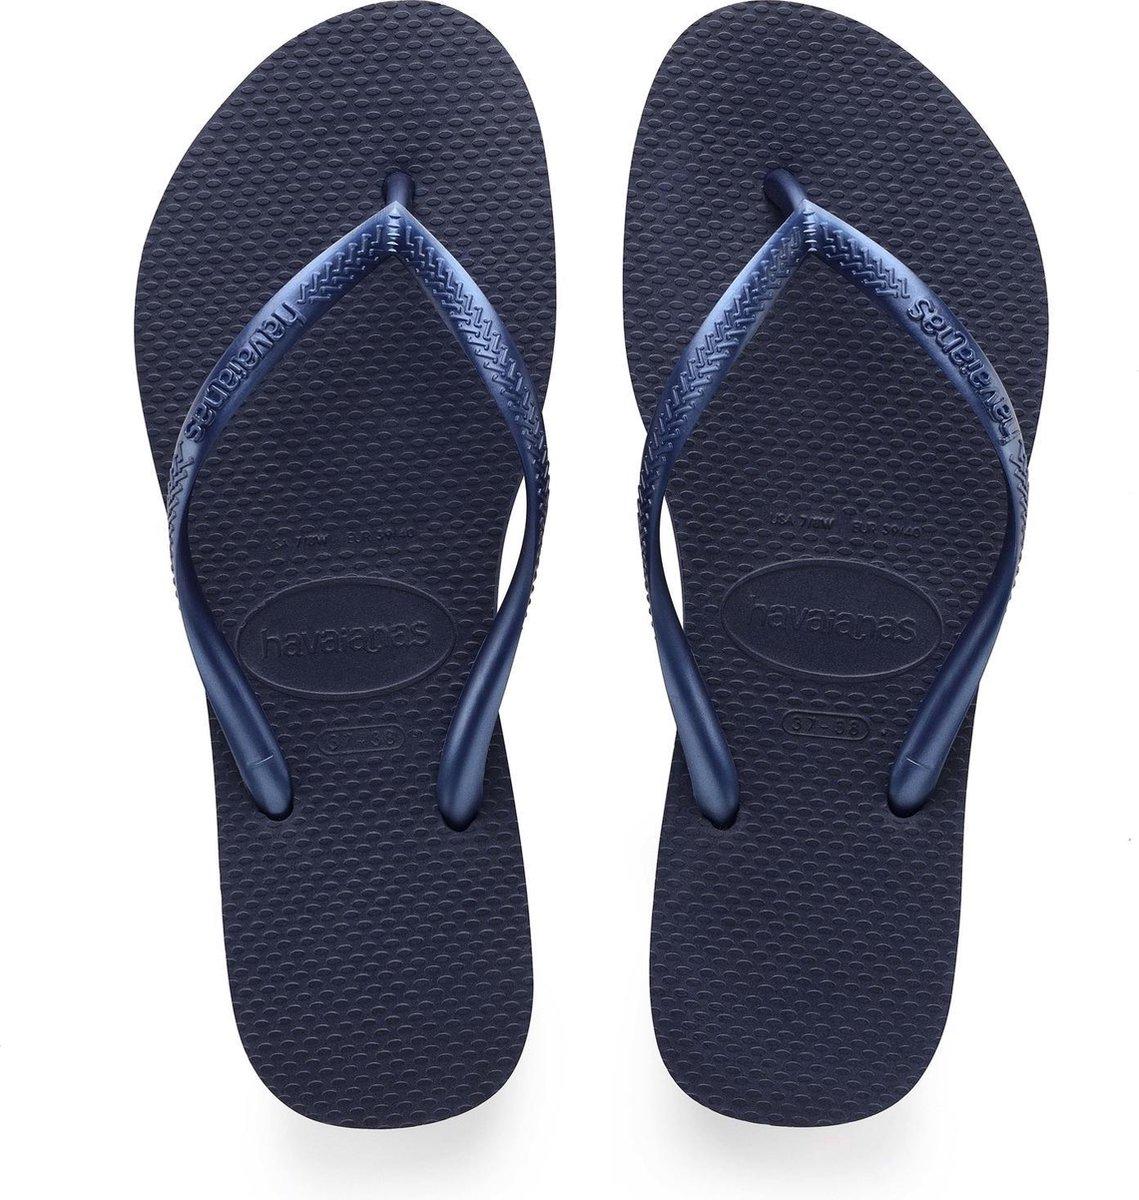 Havaianas Slim Dames Slippers - Navy Blue - Maat 37/38